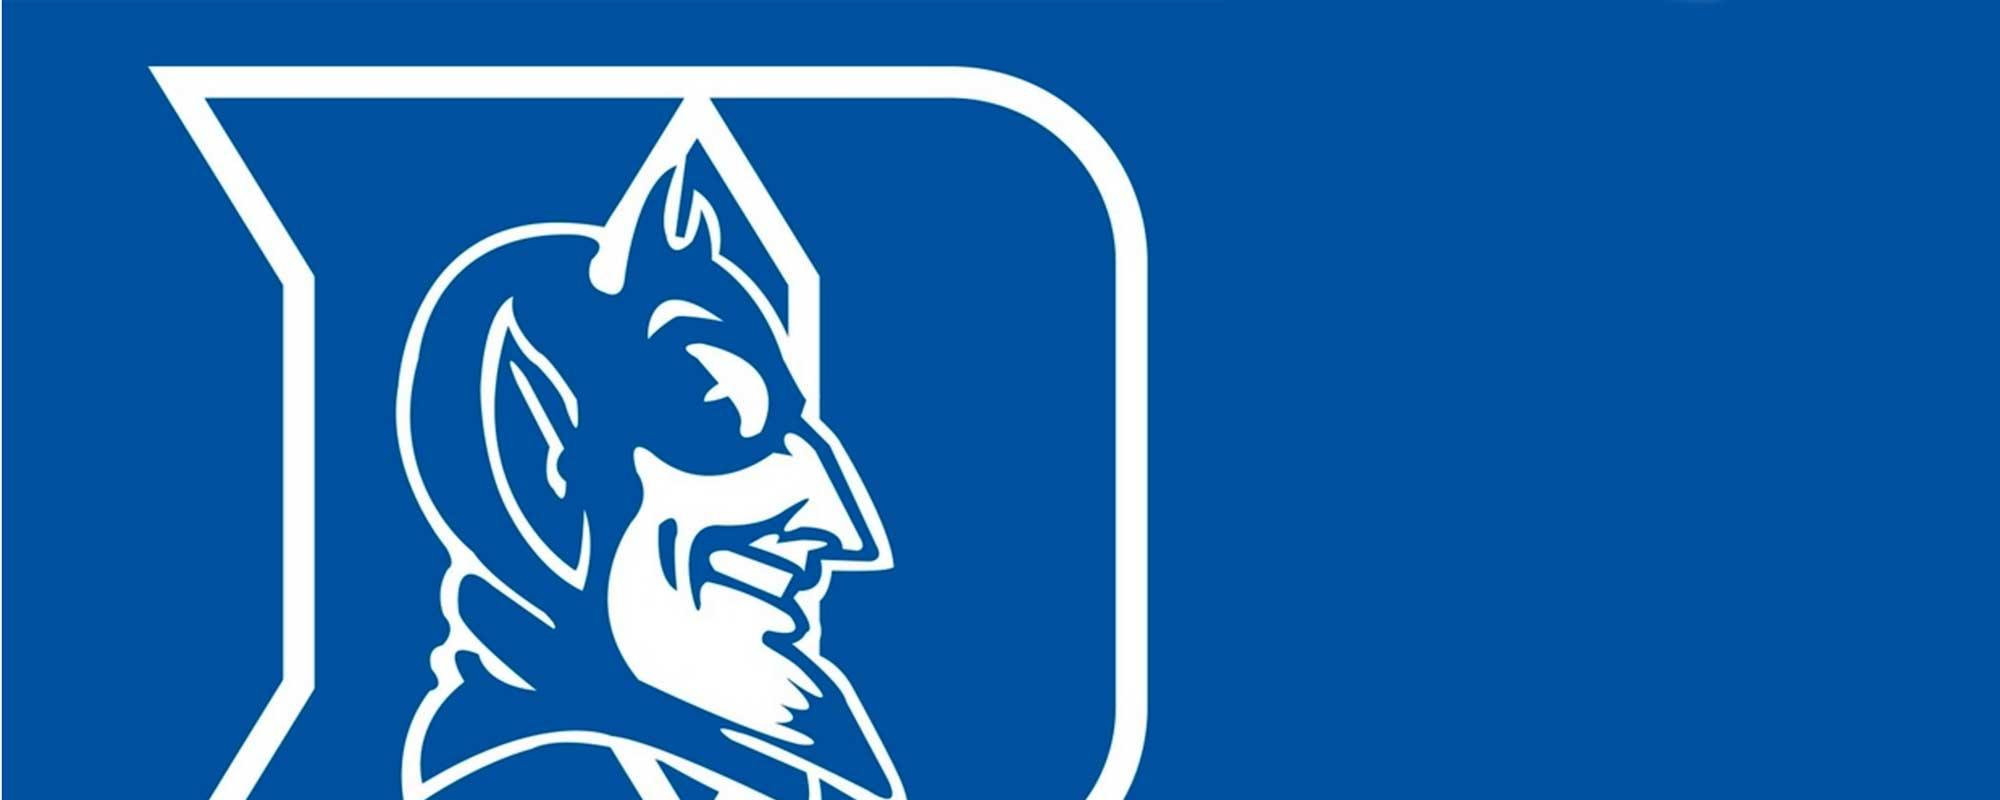 Duke University's logo